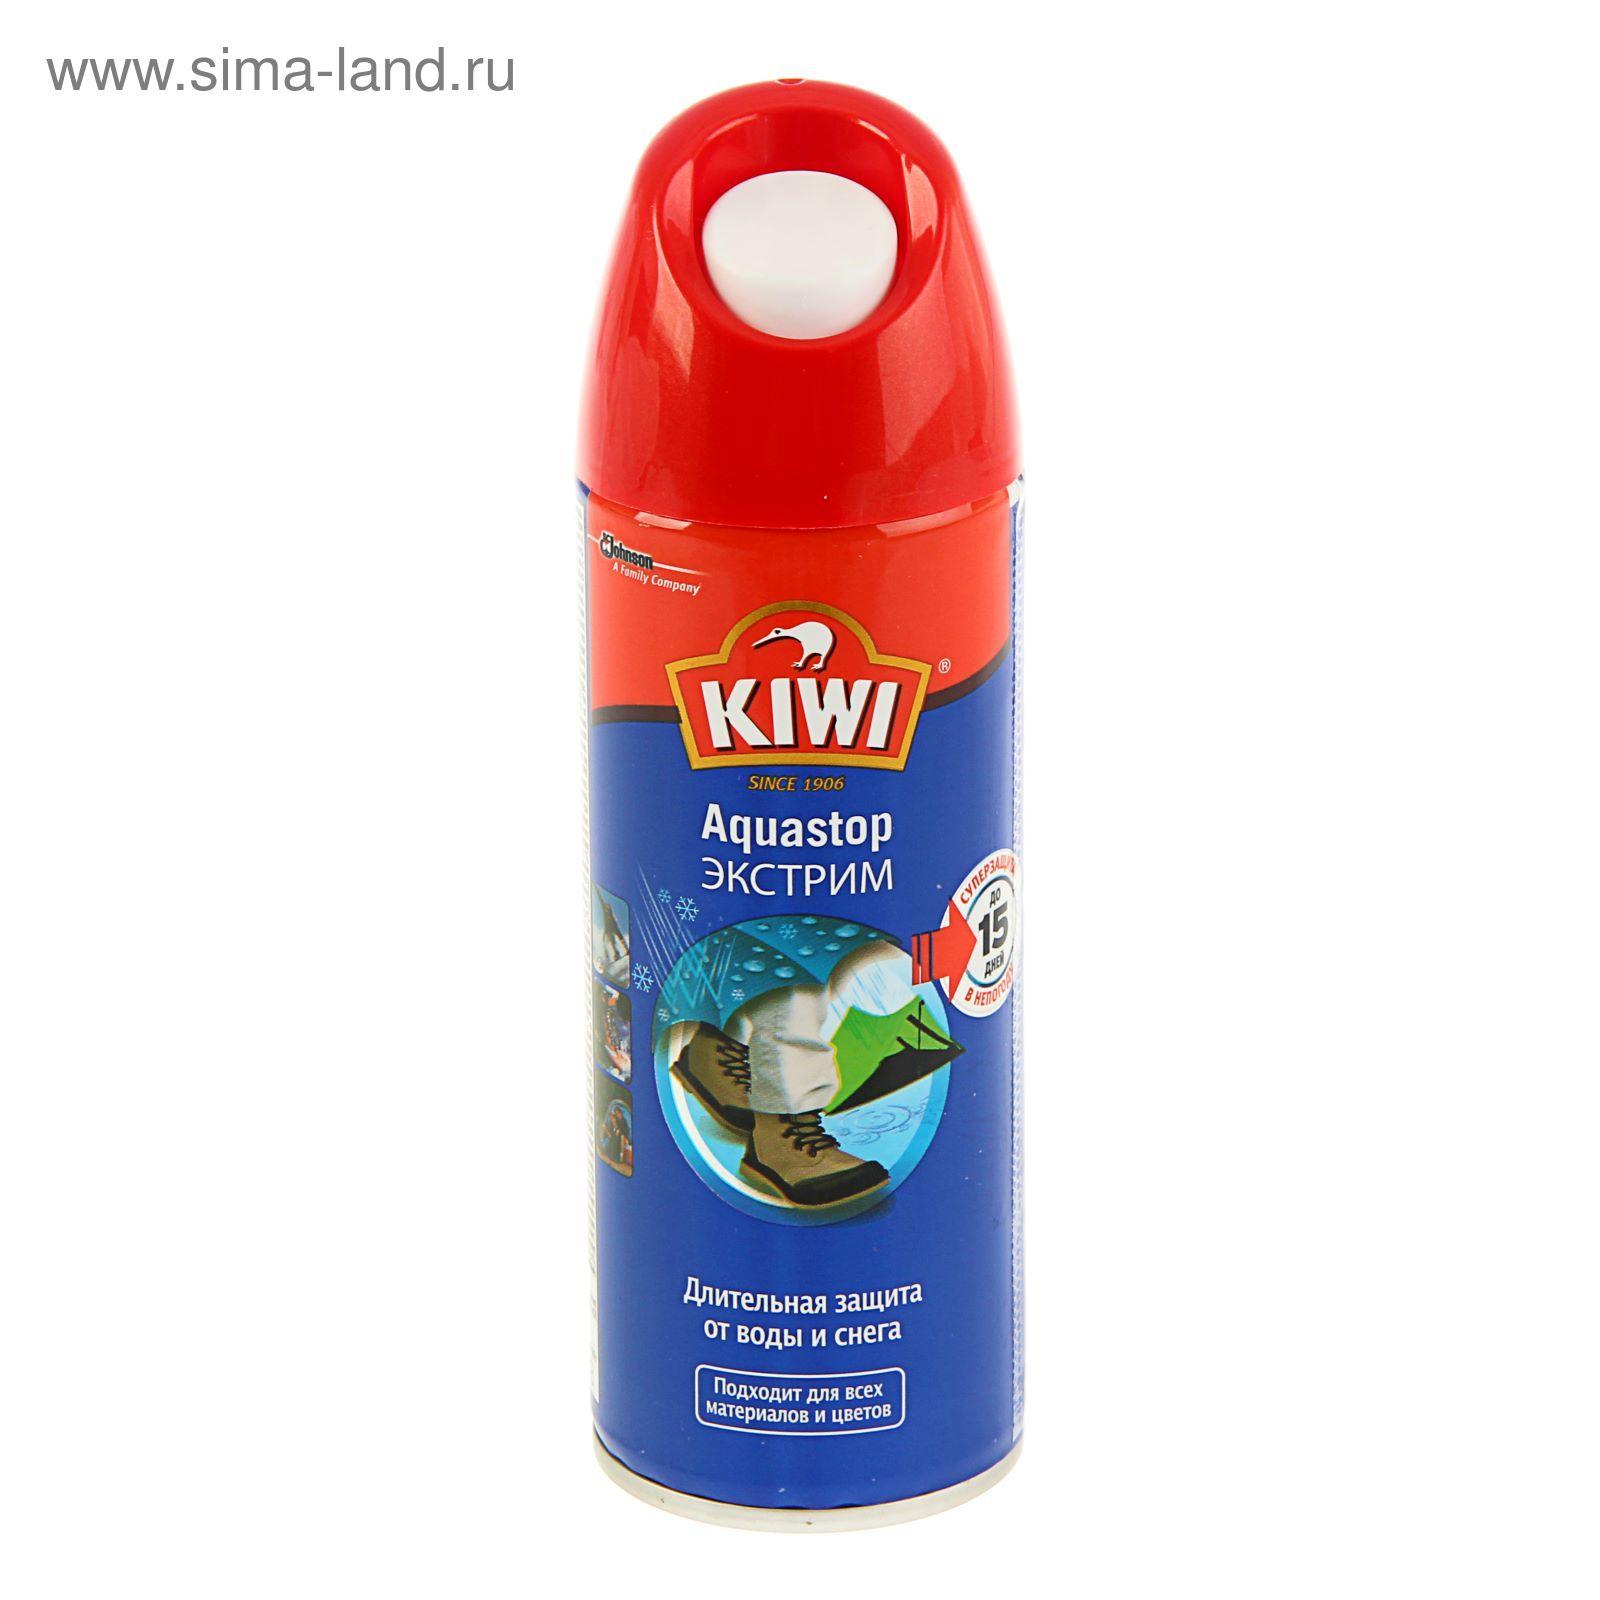 417b1a3dd Средство по уходу за изделиями из кожи замши и текстиля Kiwi Aquastop